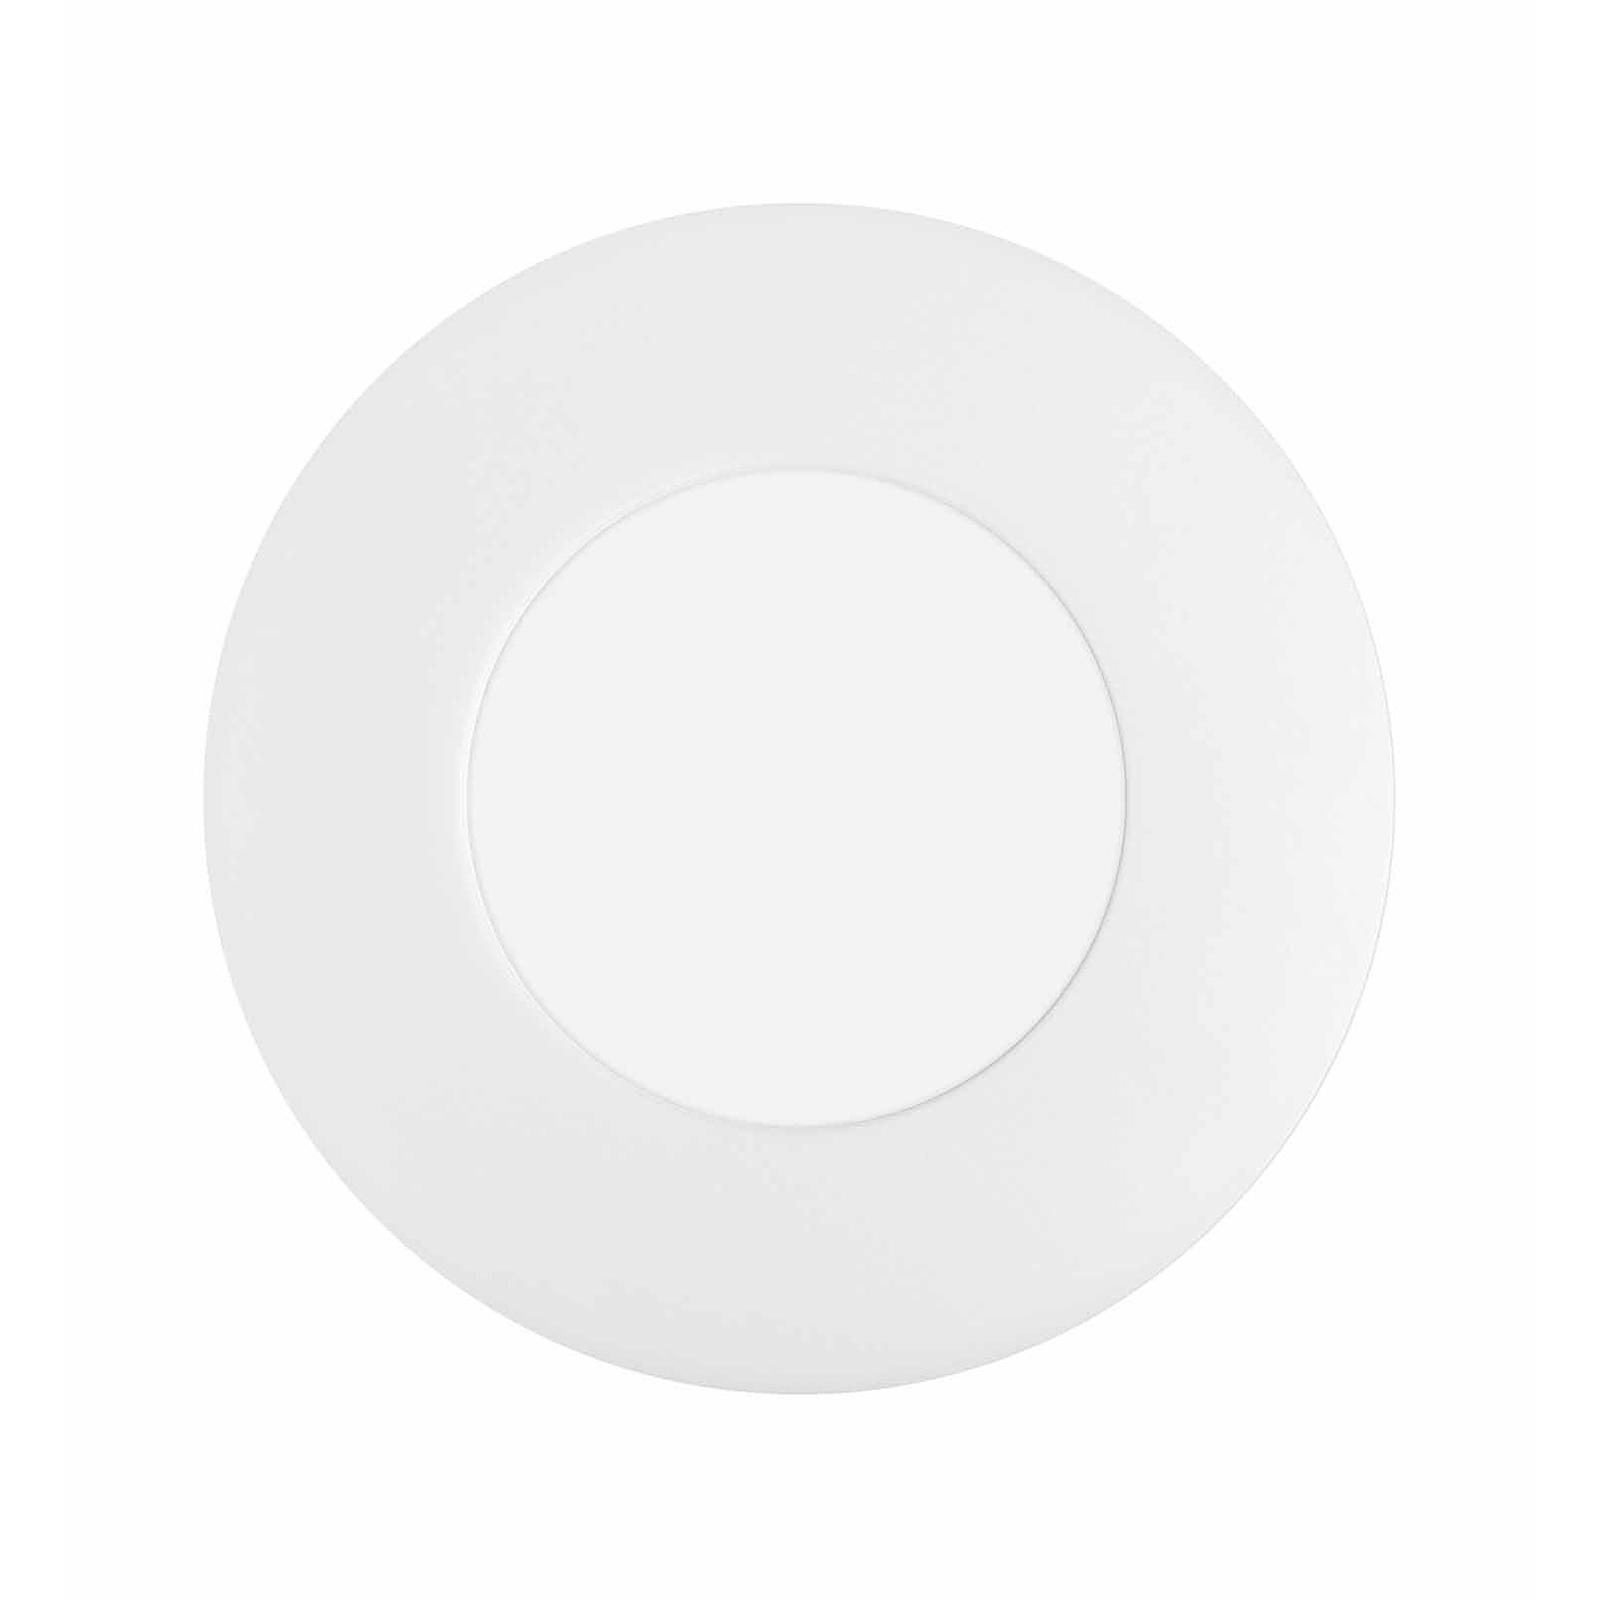 osram led ring 18w 28cm led deckenleuchte wandleuchte 1200lm warm white 2700k. Black Bedroom Furniture Sets. Home Design Ideas